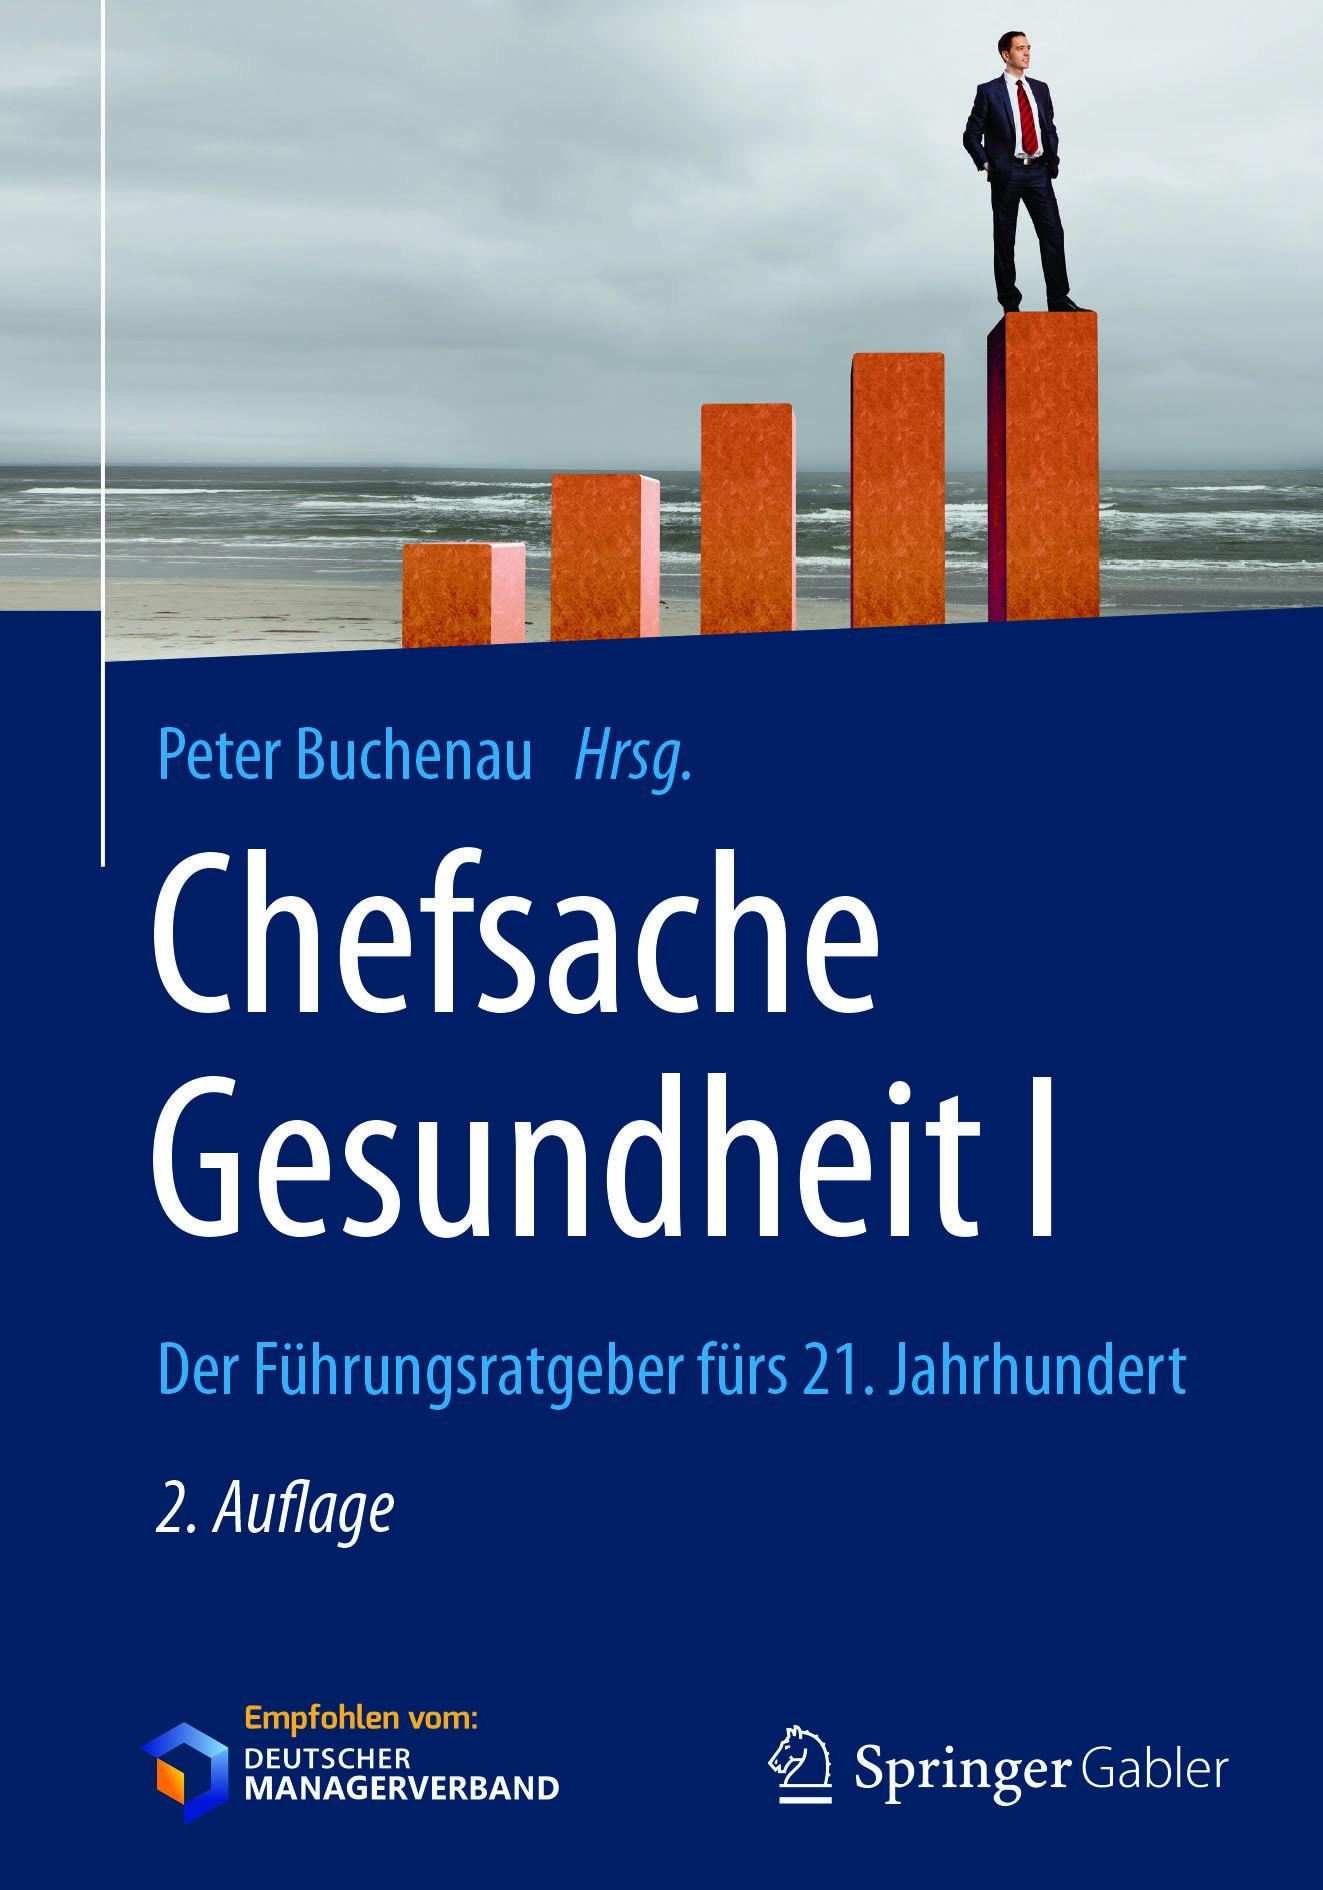 Buchenau, Peter - Chefsache Gesundheit I, ebook